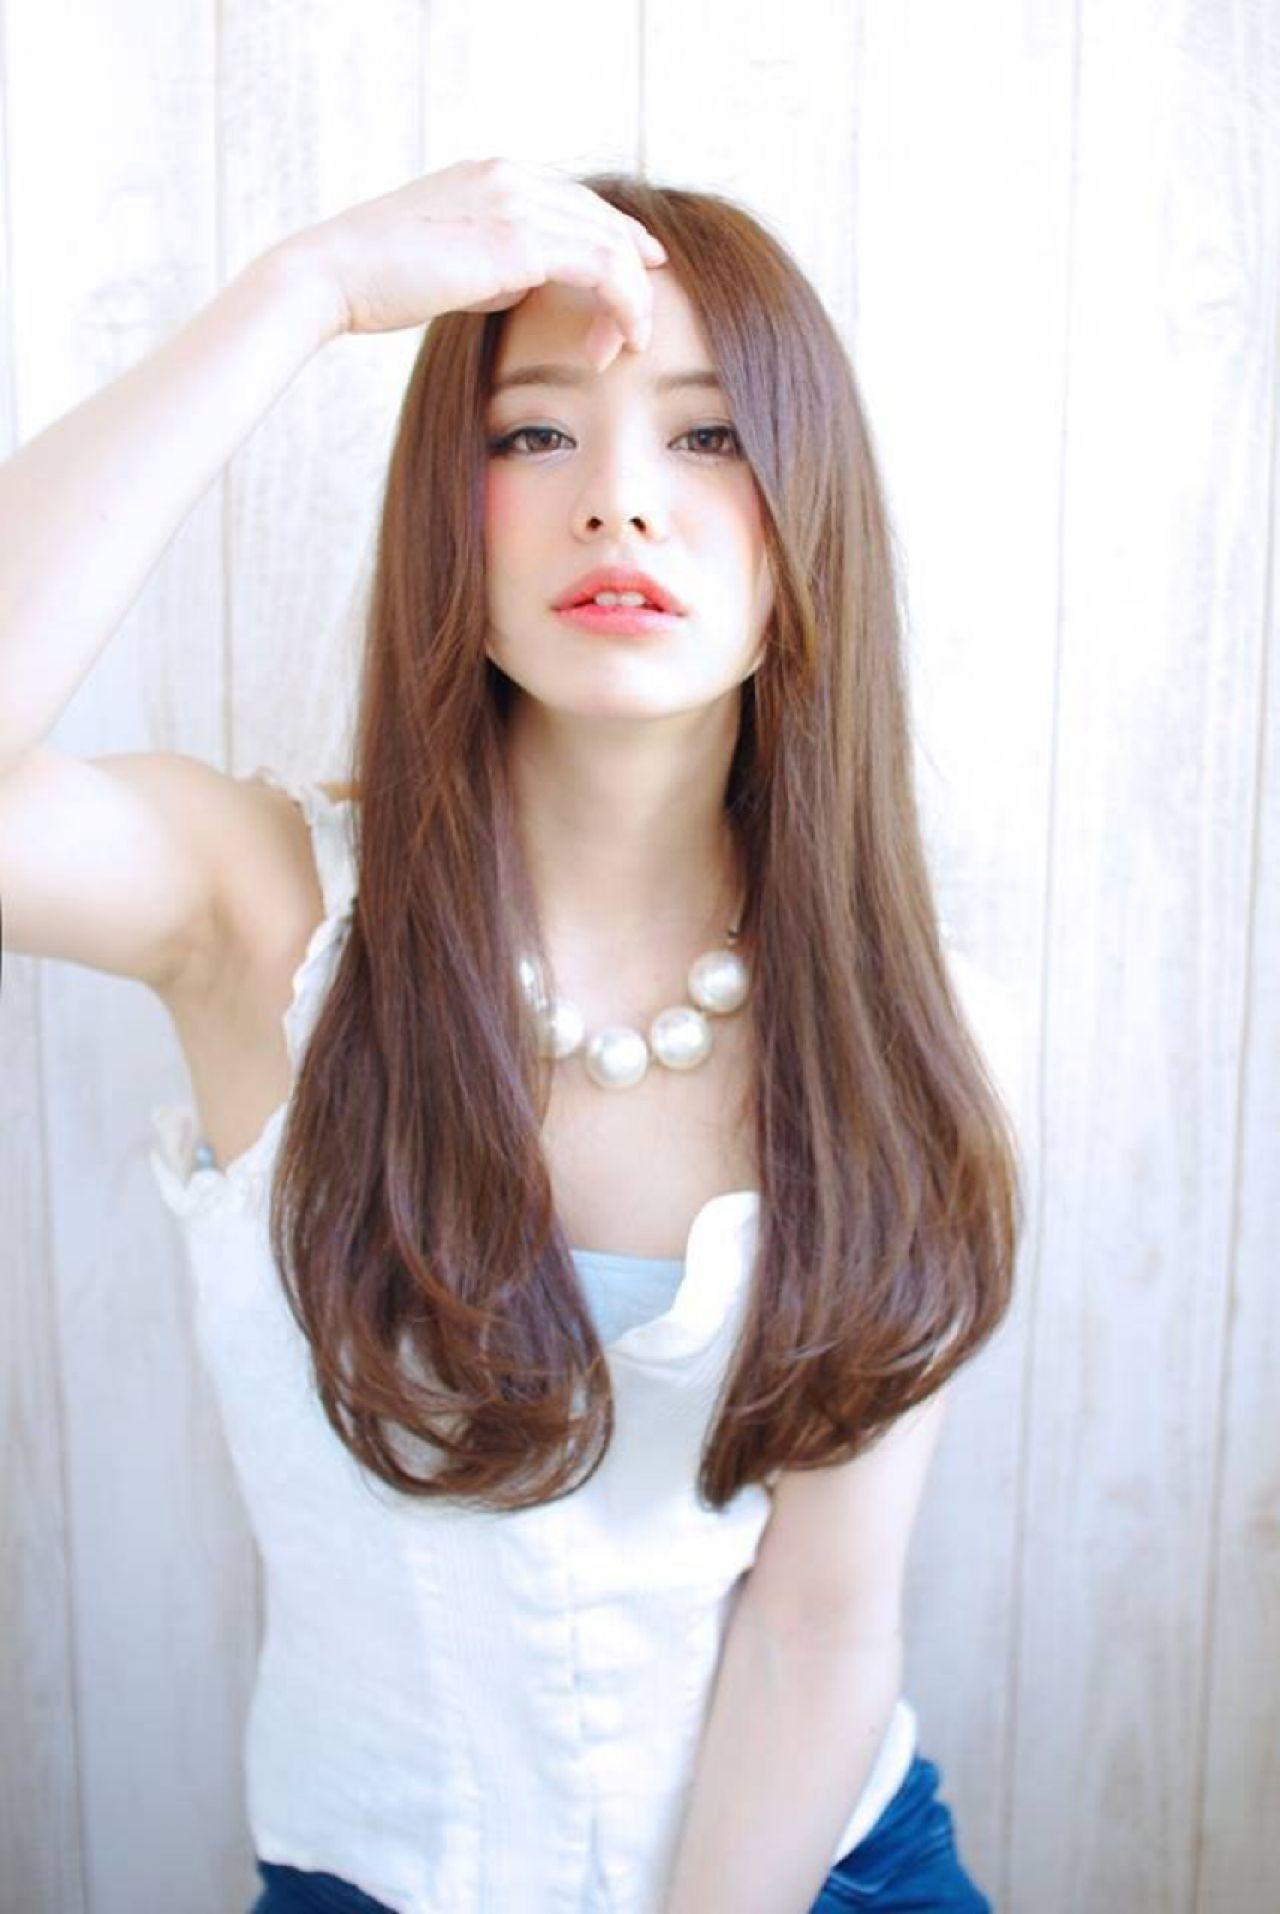 おしゃれな髪型の画像!女性の可愛い髪型を参考にしましょう|エントピ